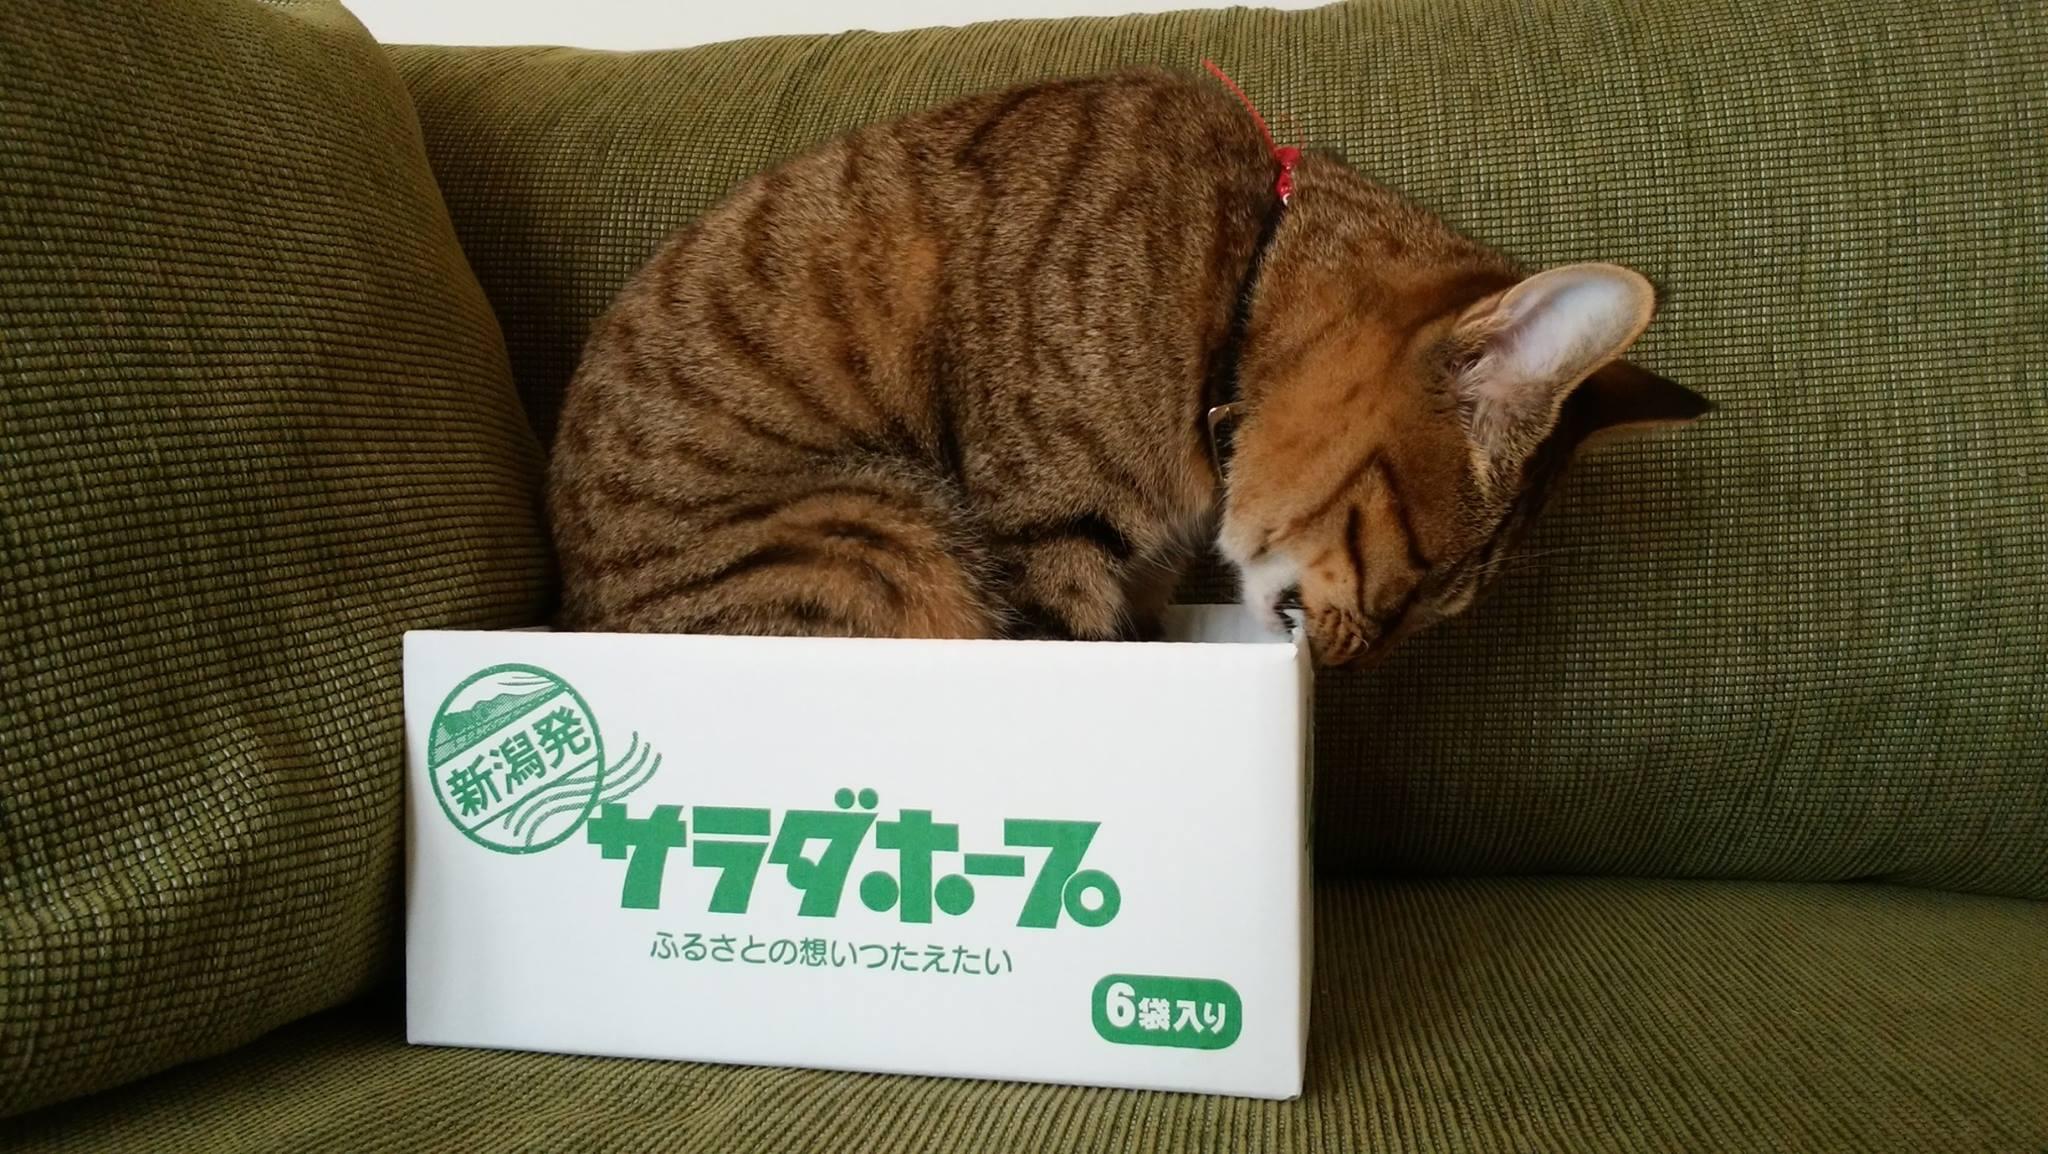 サラダホープの箱をかじってカスタマイズする虎ノ介